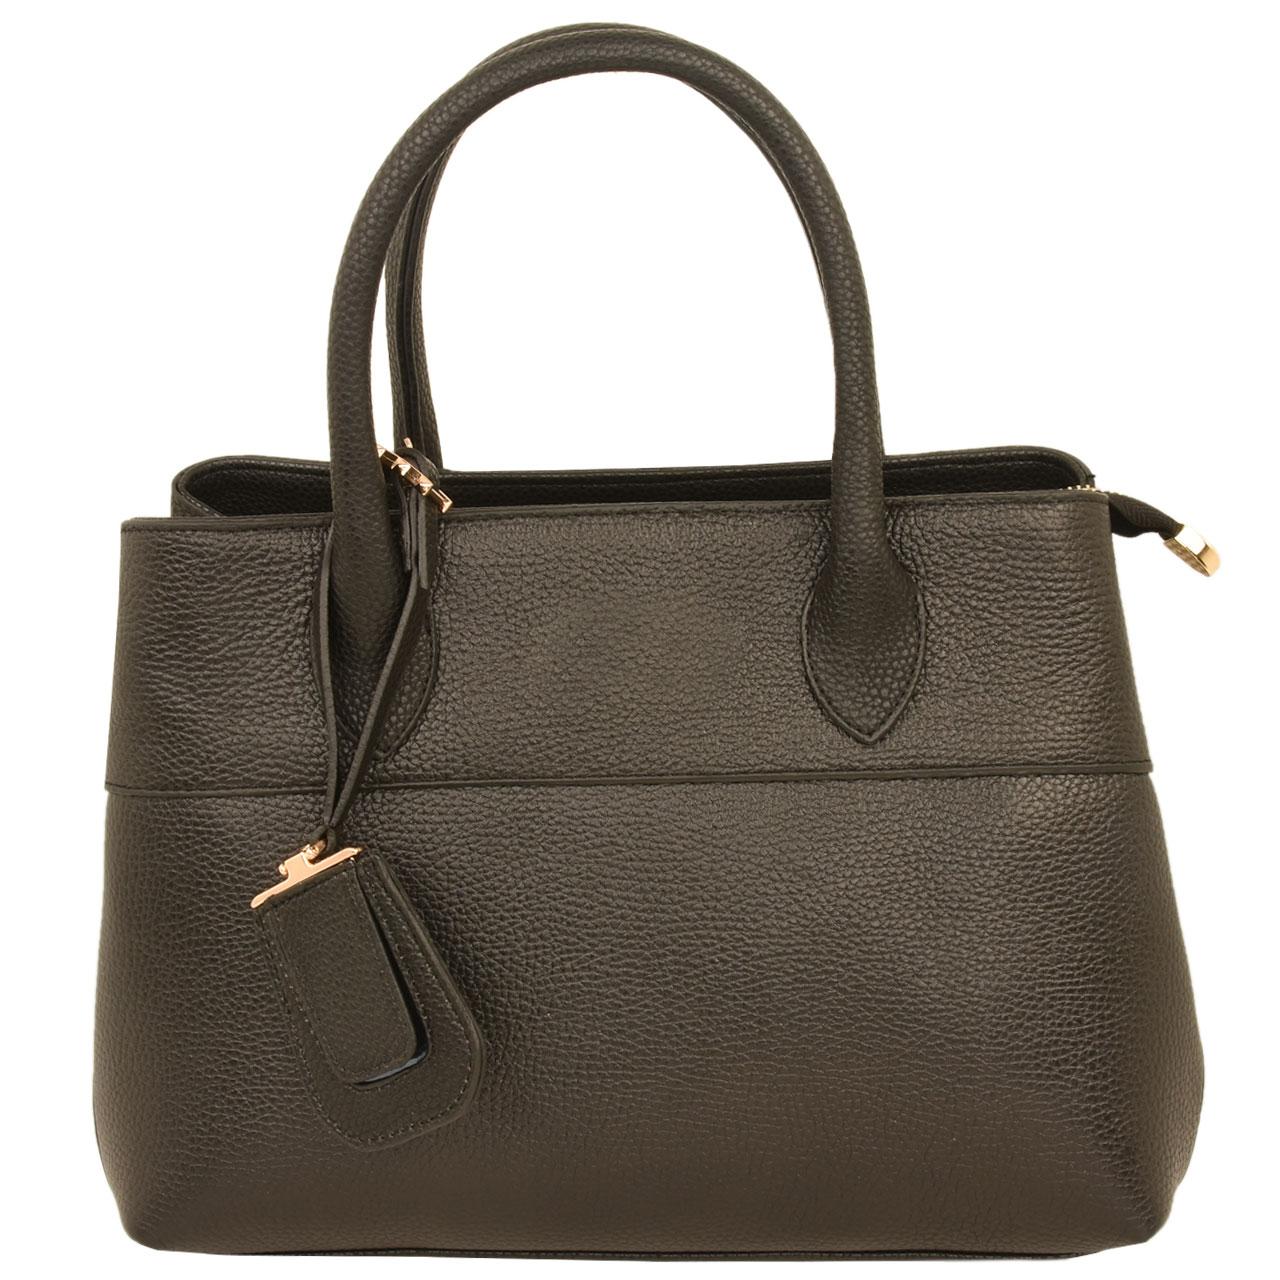 کیف دستی زنانه پارینه مدل PlV144 -1497